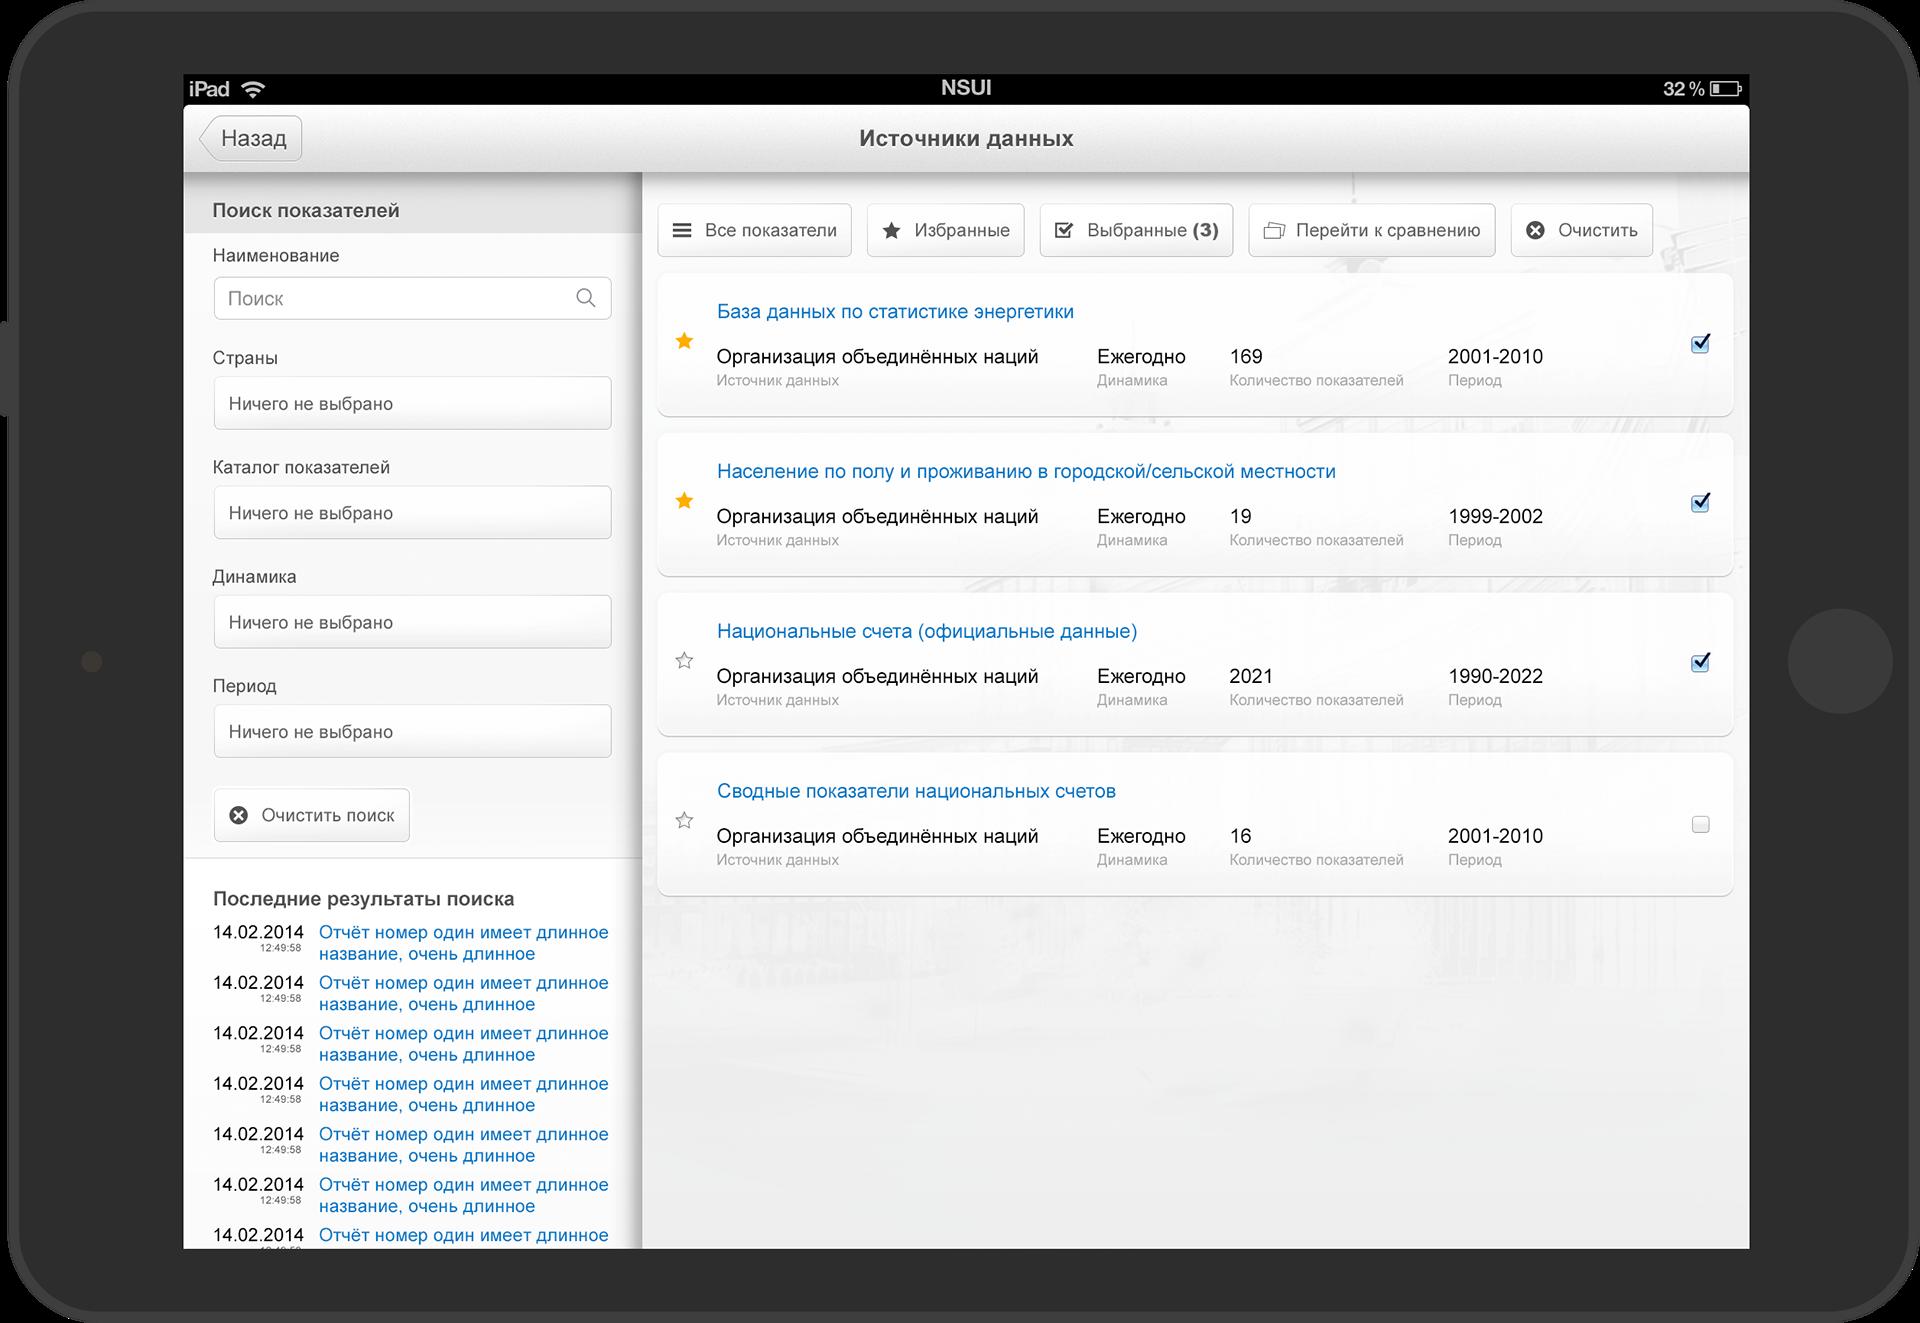 Архив: КазМунайГаз, iPad-приложение